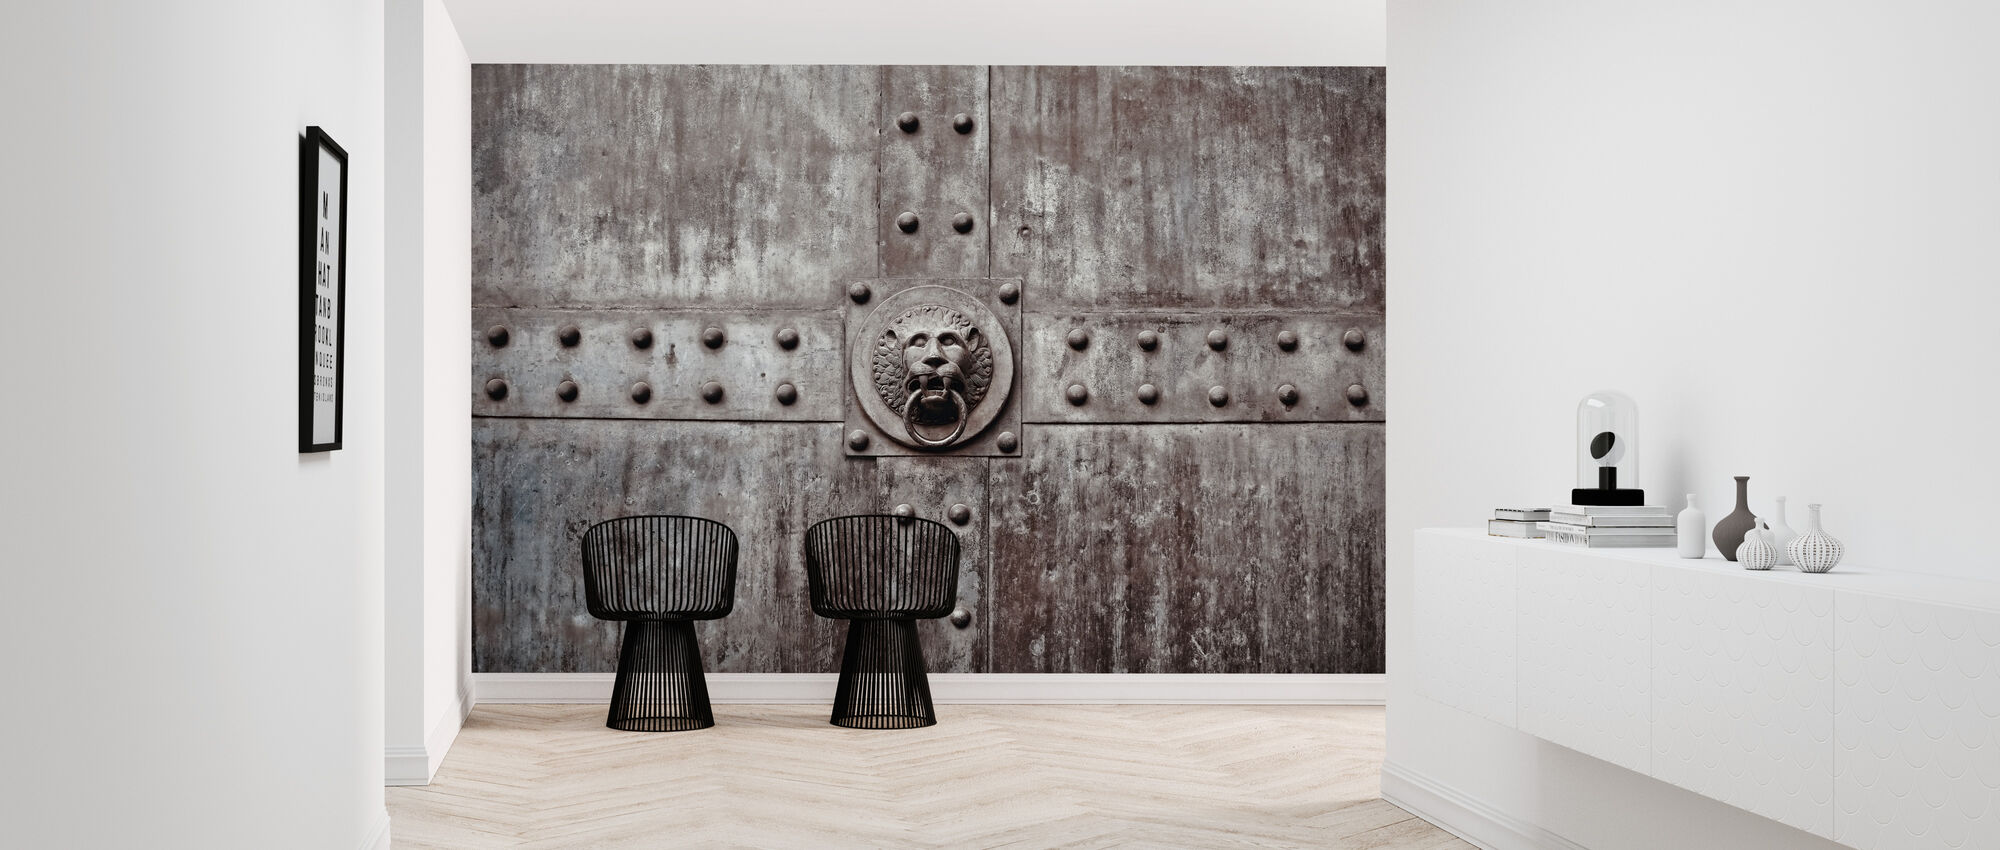 The Door Knocker - Wallpaper - Hallway